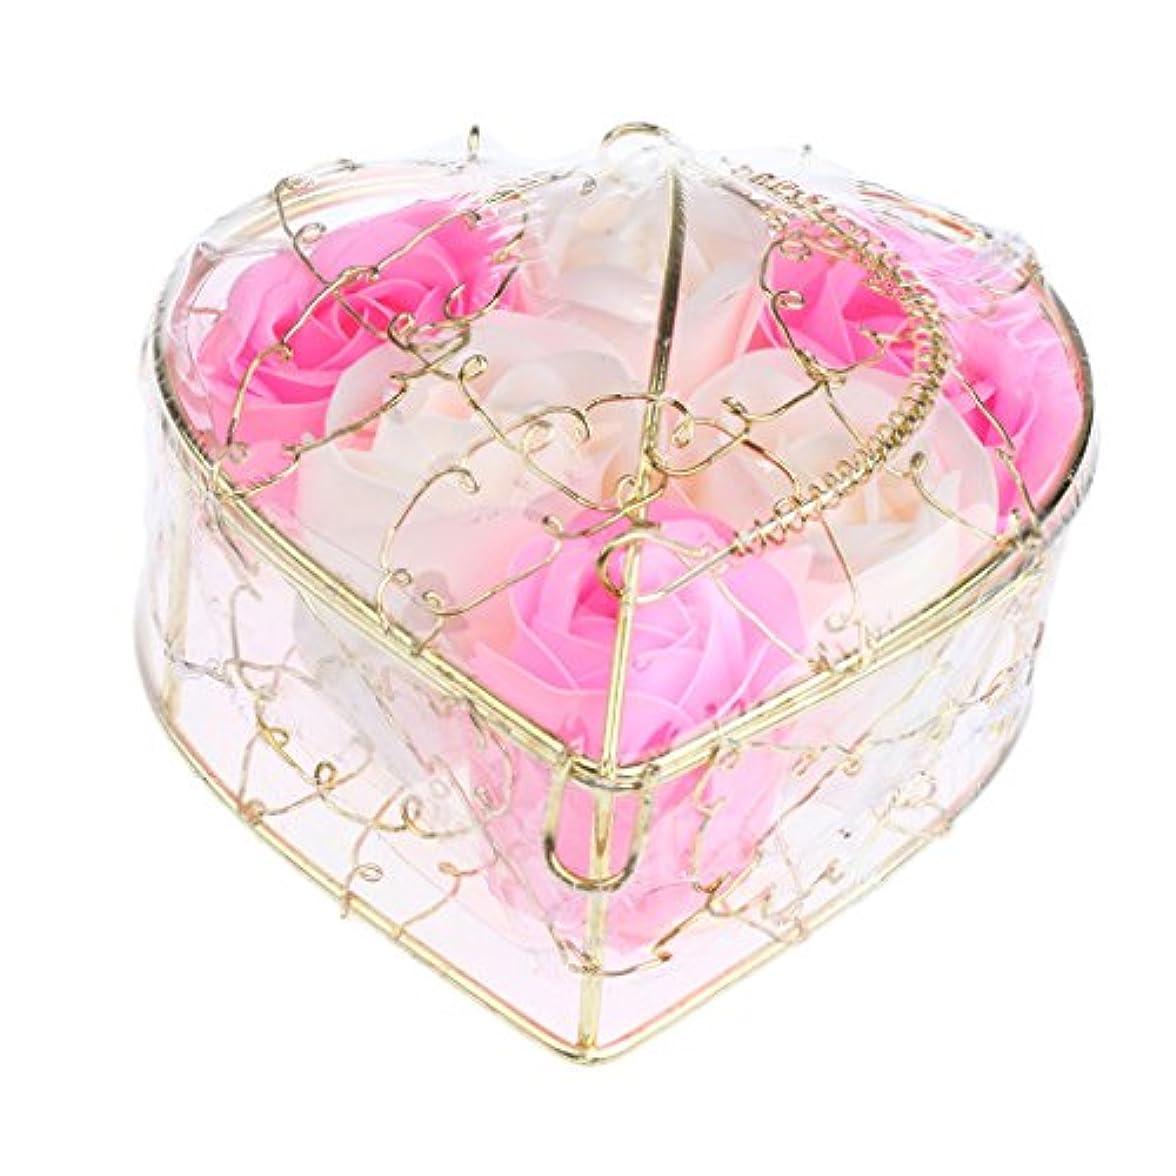 情緒的歩道ますますIPOTCH 6個 ソープフラワー 石鹸花 造花 バラ フラワー ギフトボックス 誕生日 母の日 記念日 先生の日 プレゼント 全5仕様選べる - ピンクとホワイト